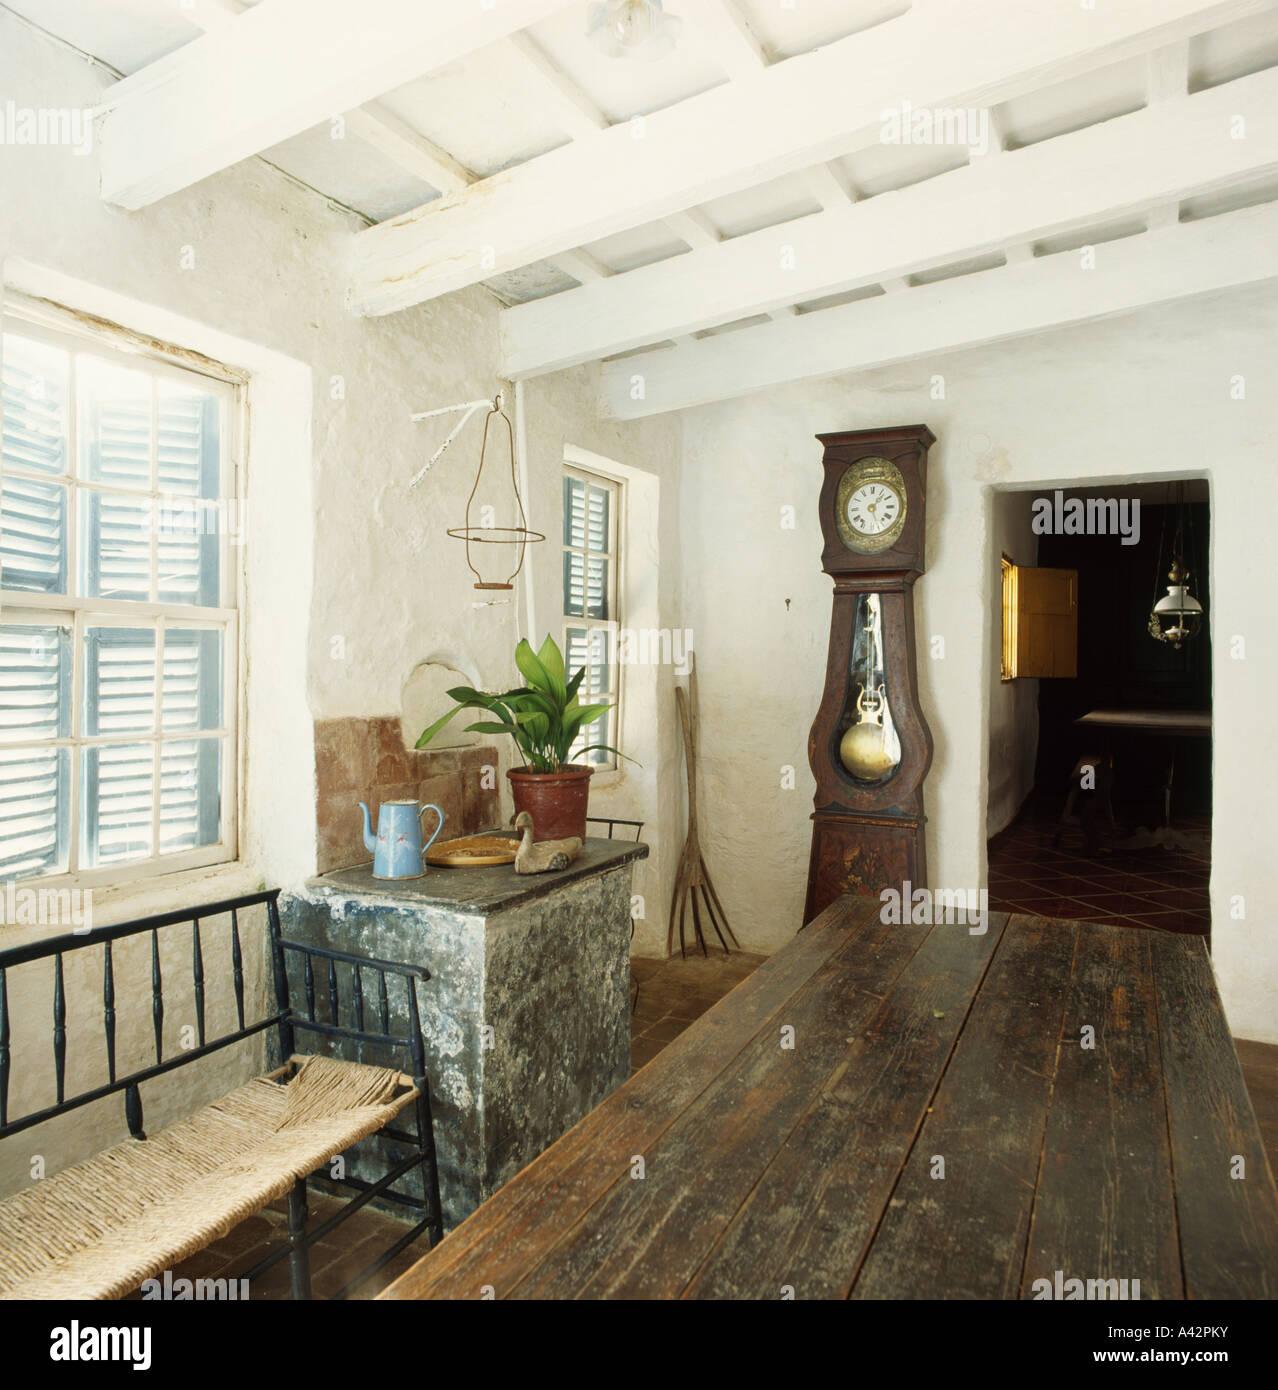 Soffitto Travi A Vista Bianco oak tavolo da pranzo e longcase clock nel paese bianco sala